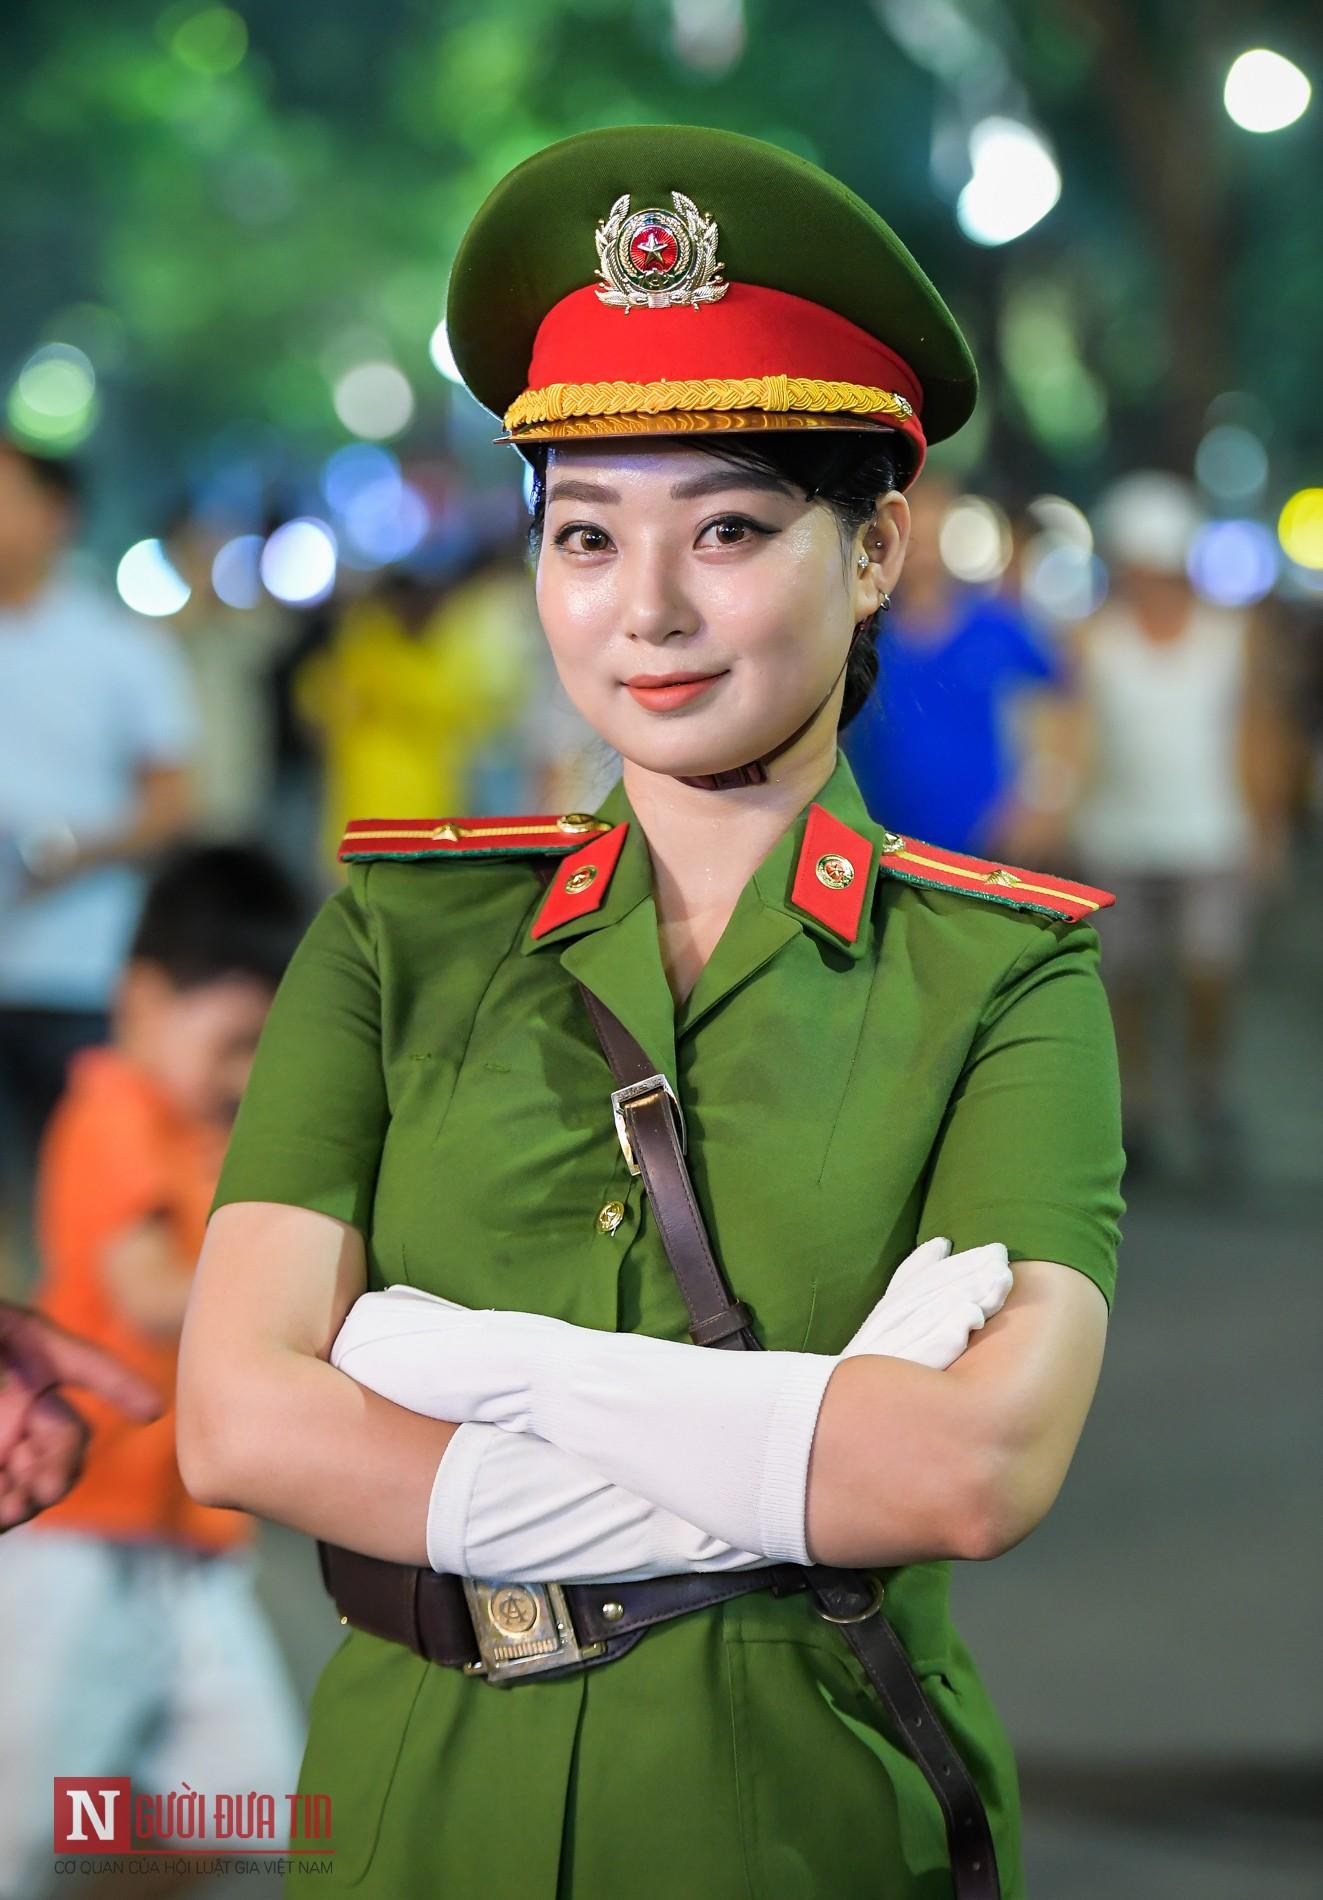 Ngất ngây nhan sắc nữ chiến sĩ Đoàn nghi lễ Bộ Công An 6